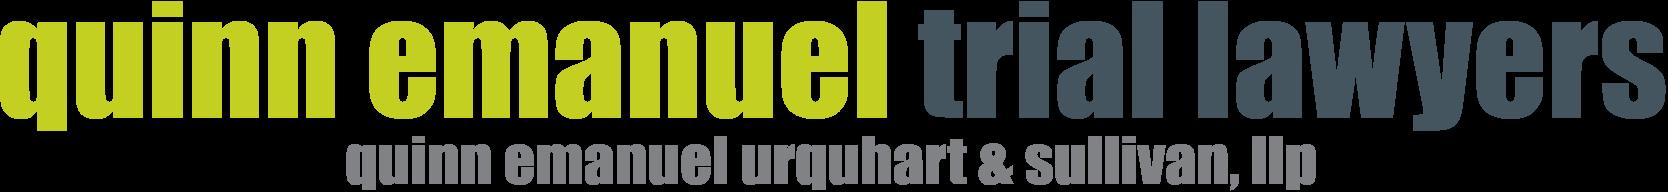 Quinn Emanuel Urquhart & Sullivan, LLP